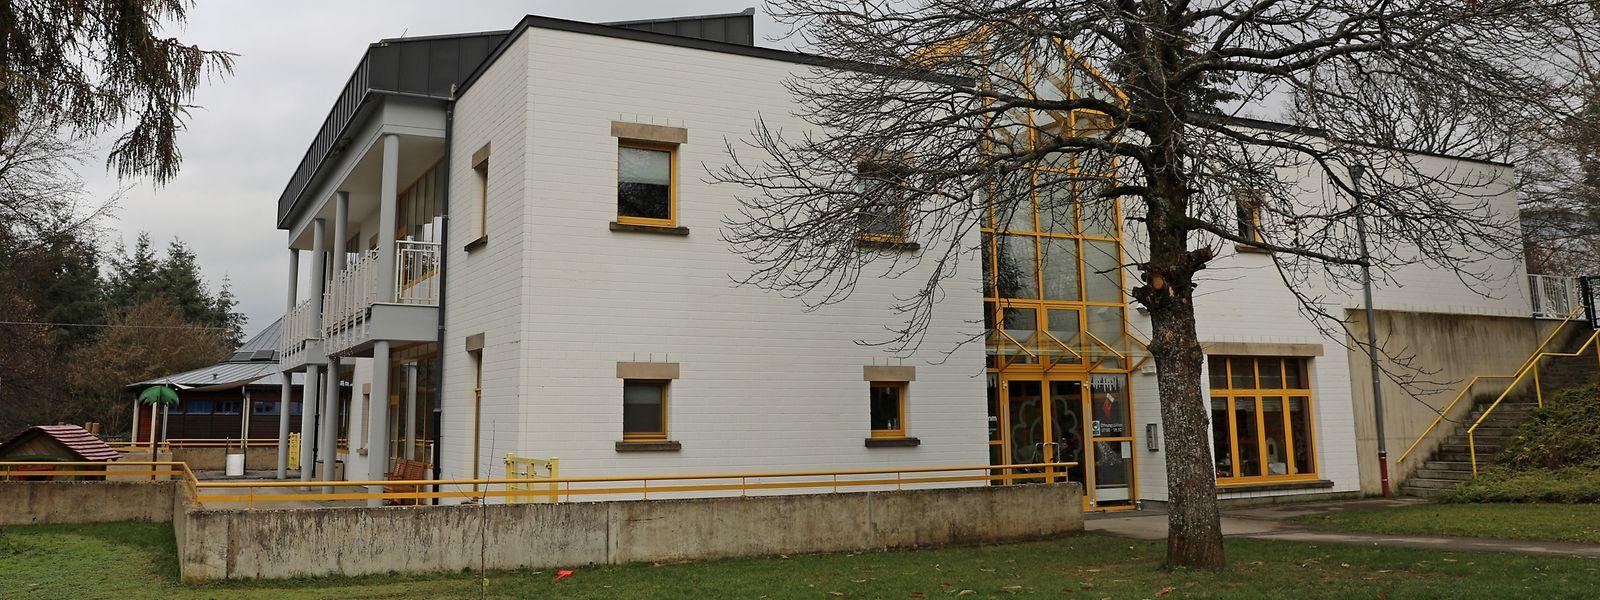 1,5 Millionen Euro lässt sich die Gemeinde den Ausbau der Brideler Crèche Botterblumm kosten.